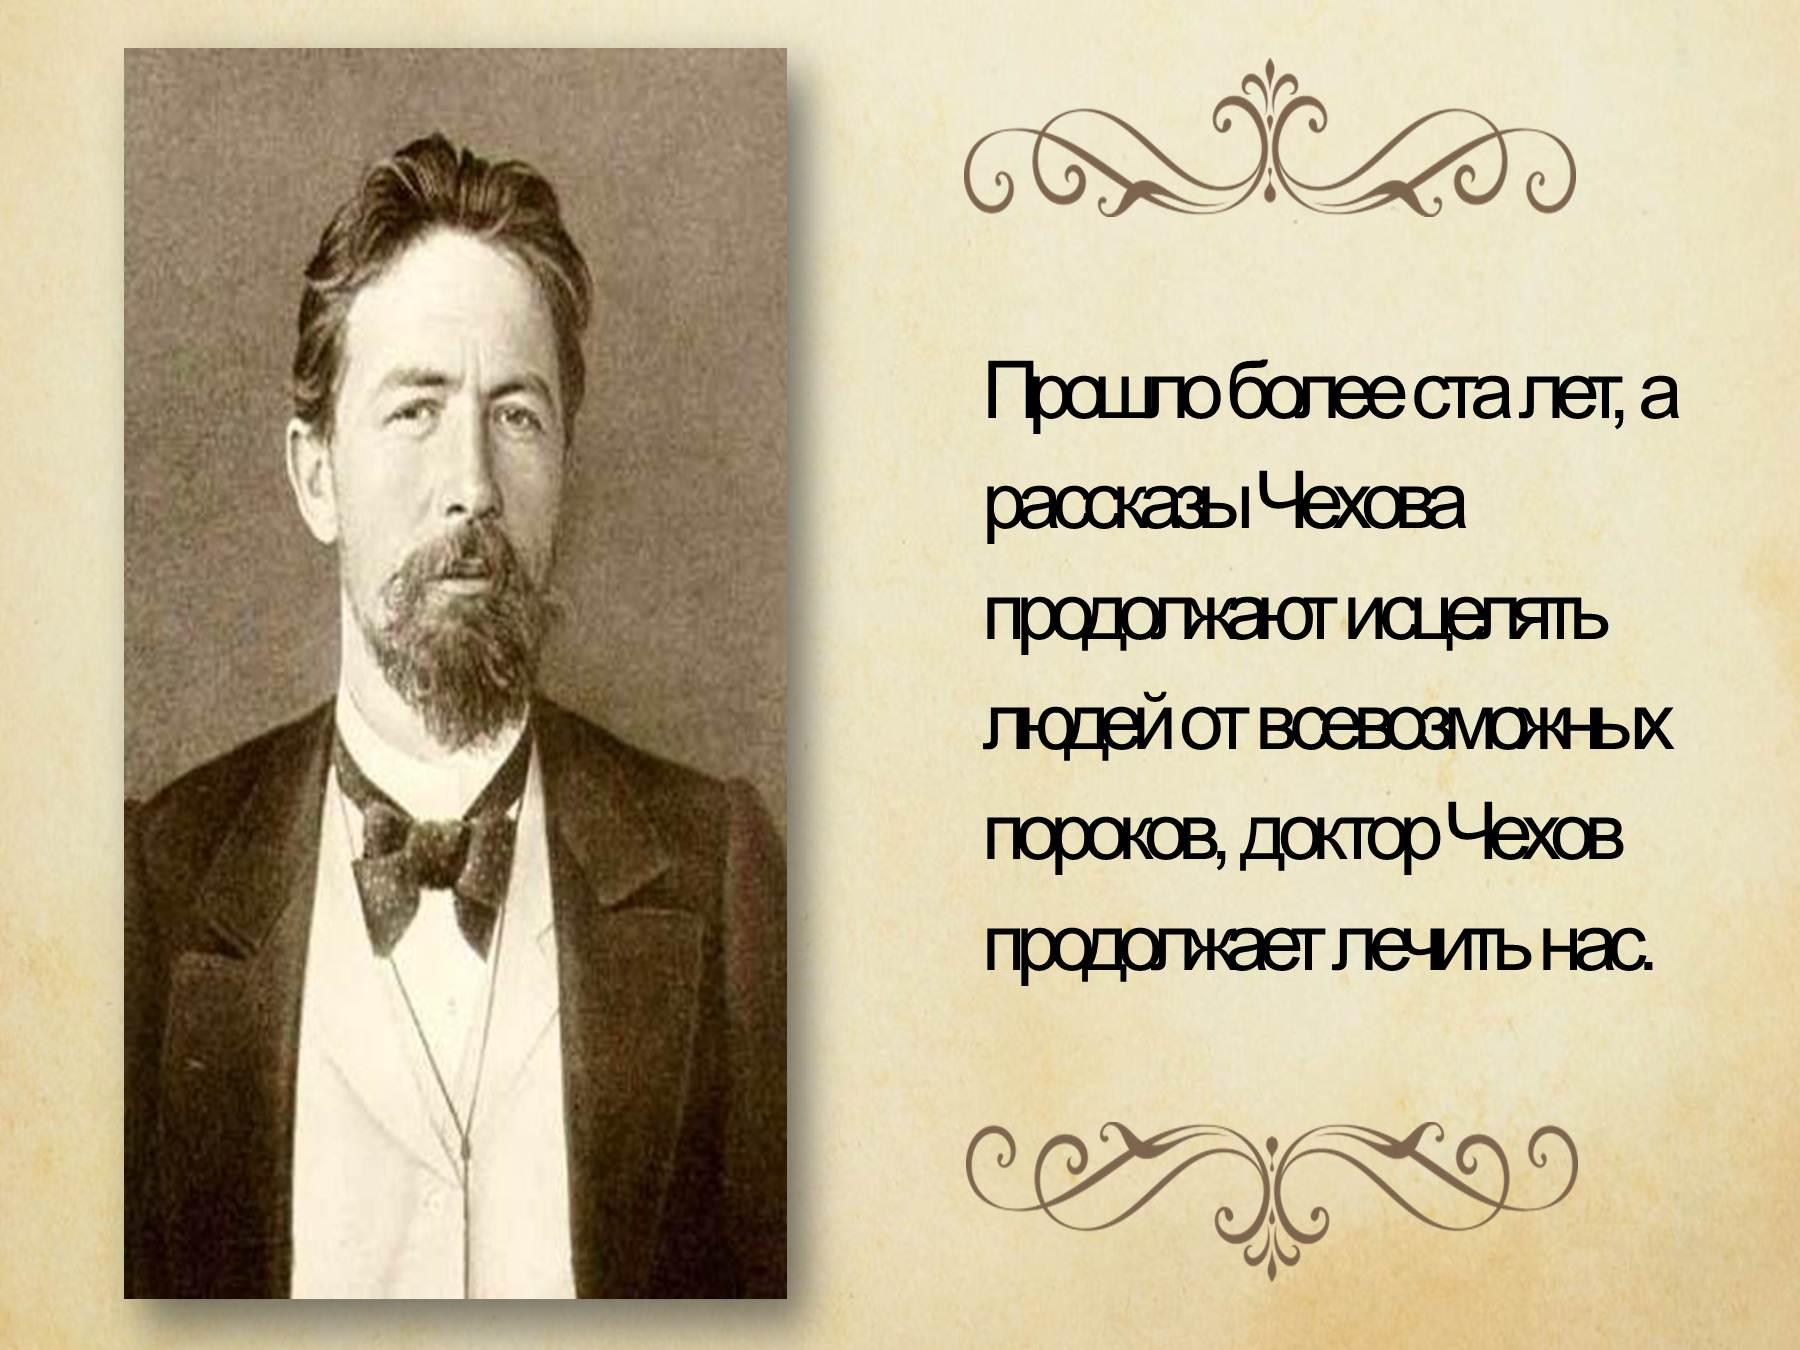 чехов цитаты с картинками заметите